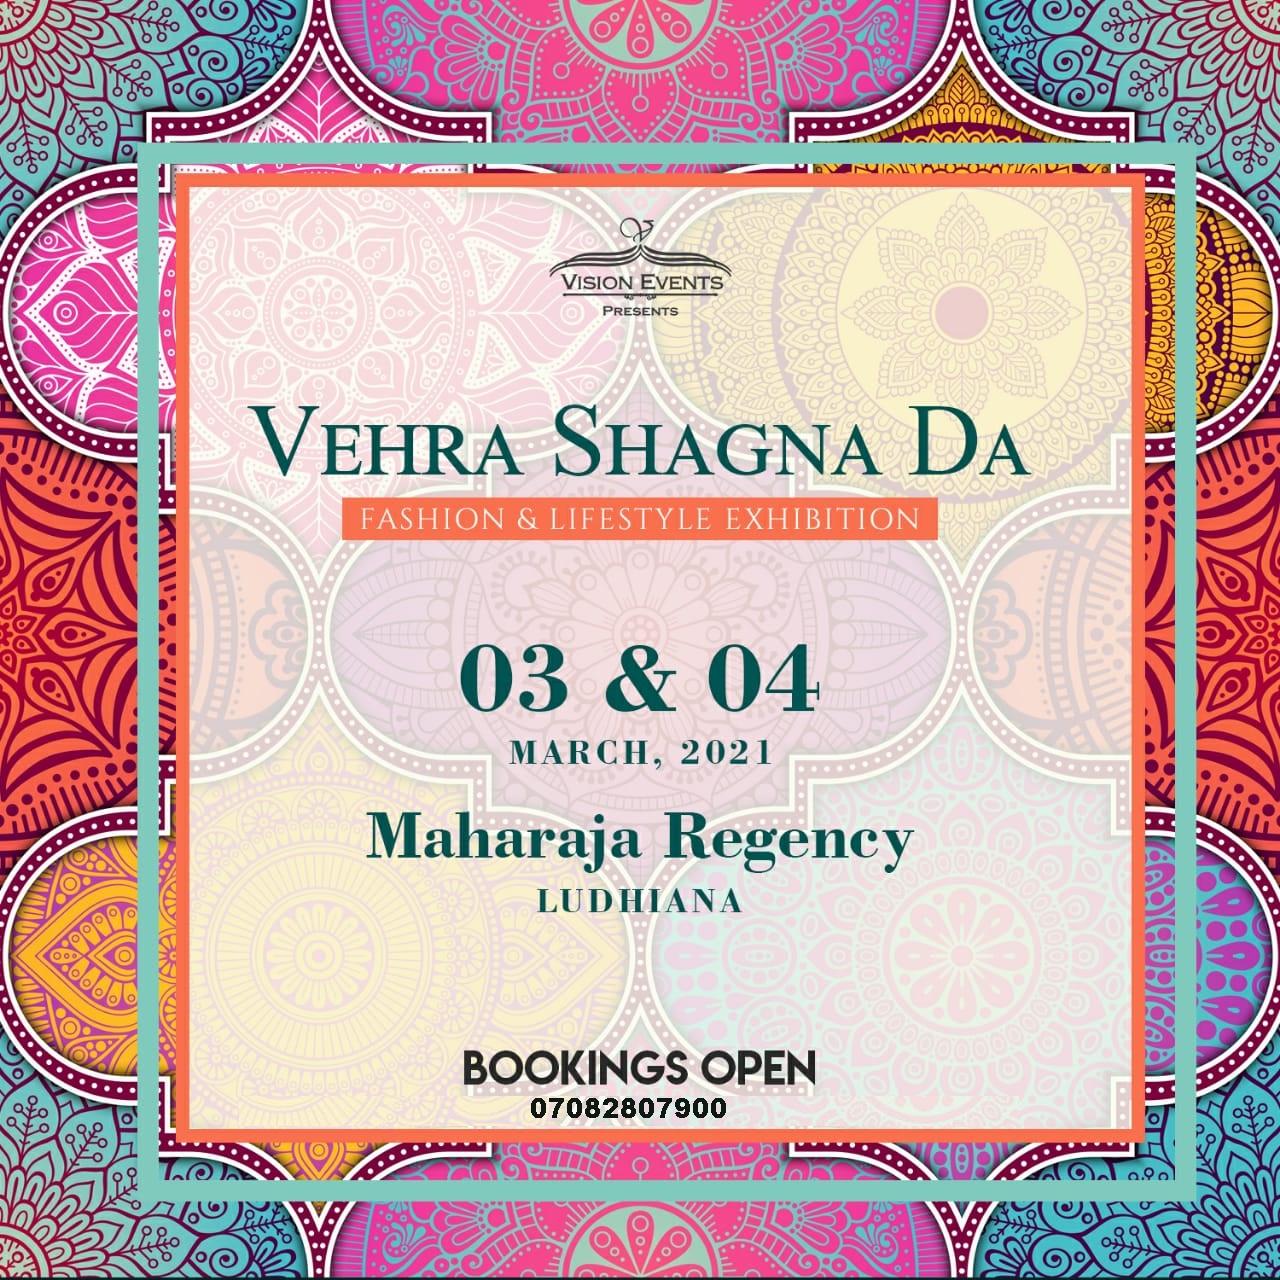 Vehra Shagna Da